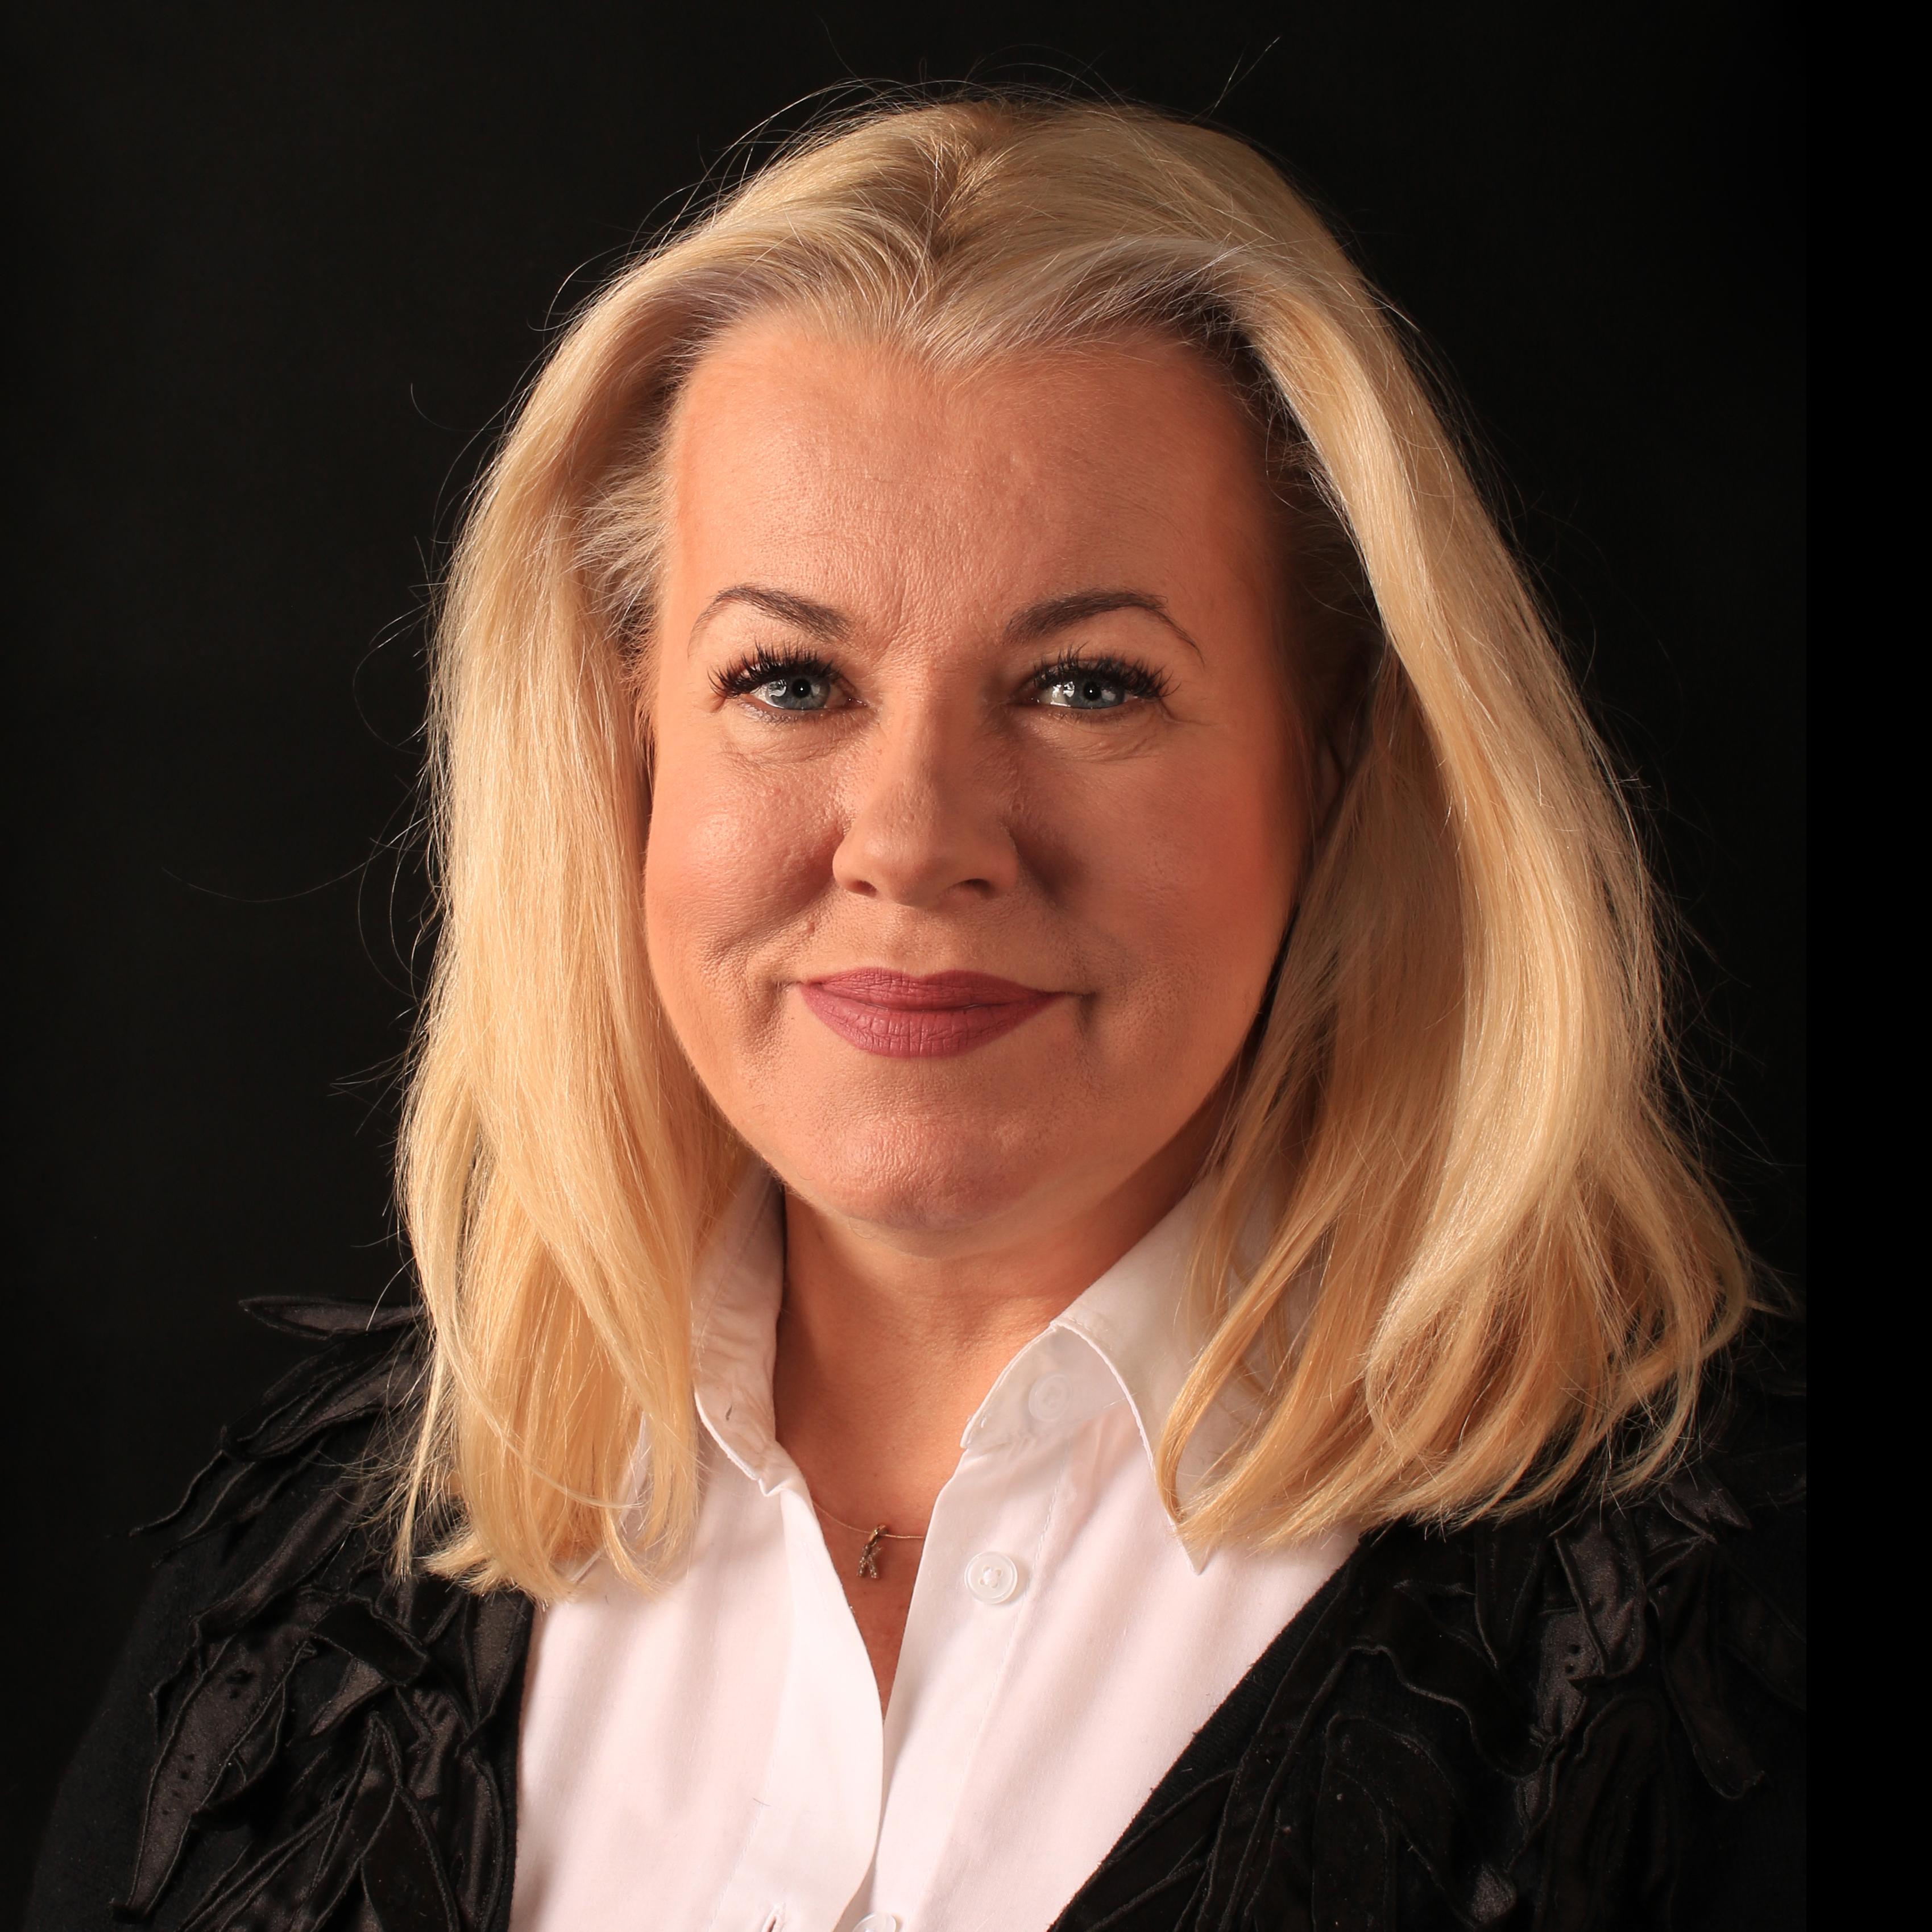 Katarzyna Menakiewicz